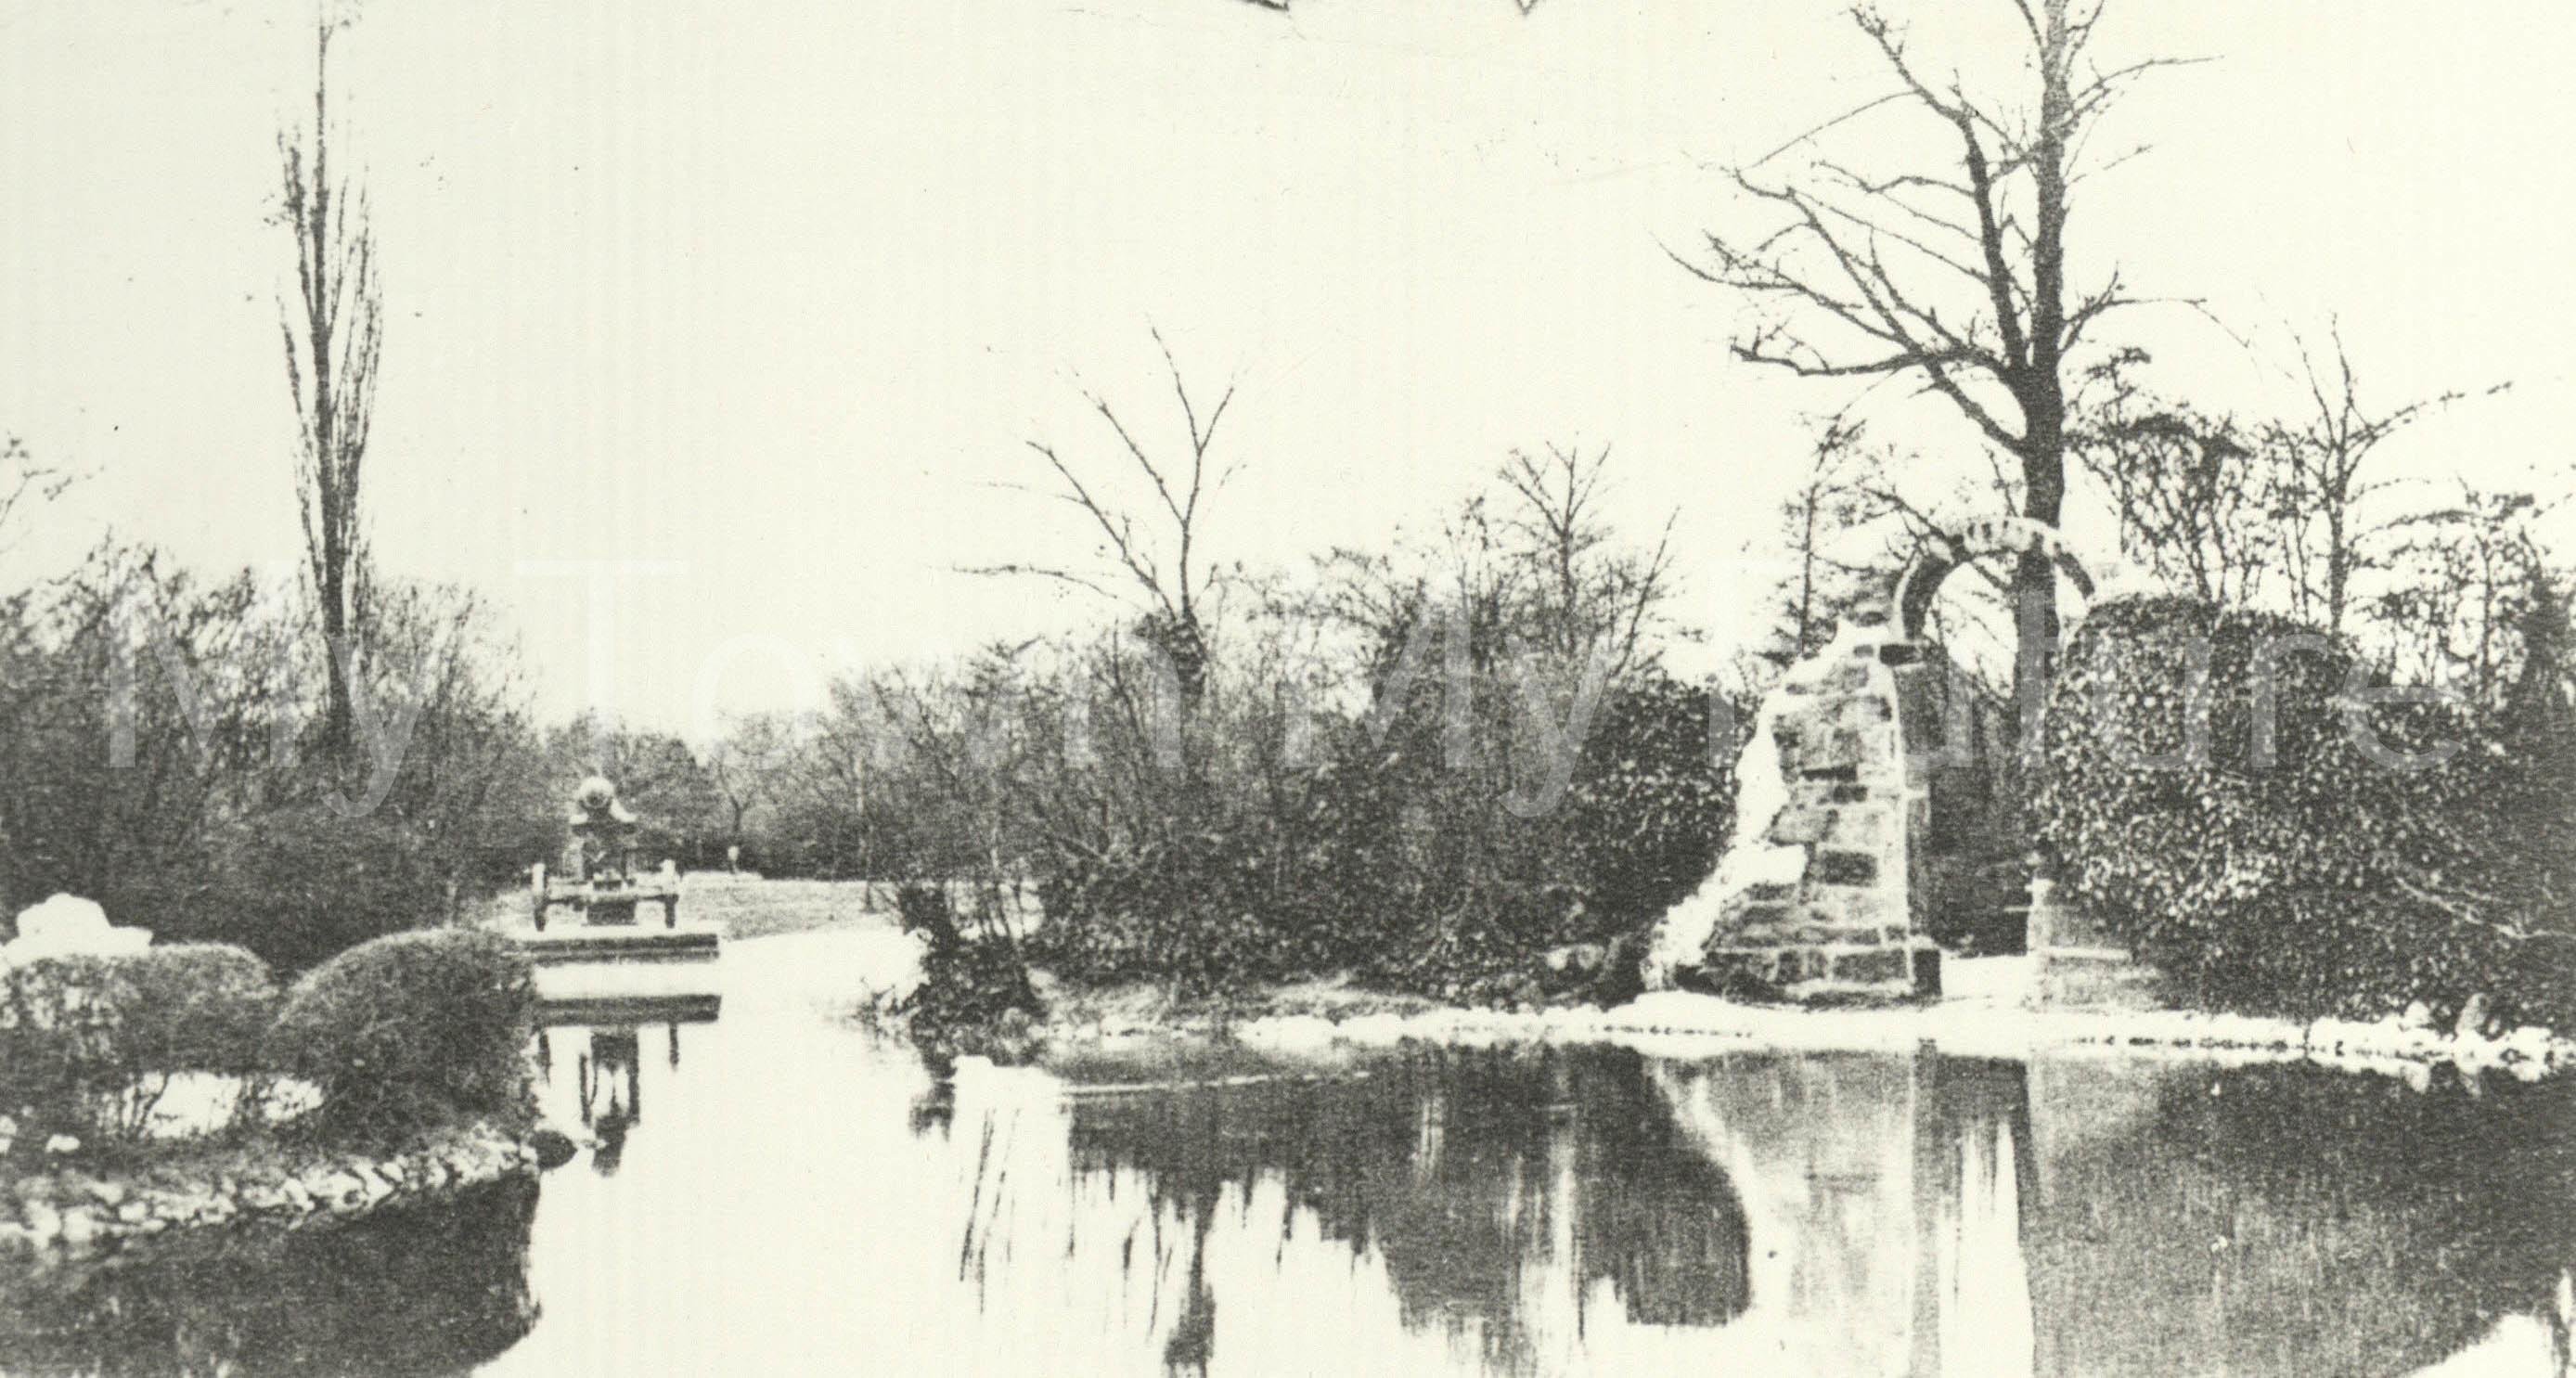 Albert Park - Cannon Lake - Sebastopol Cannon and Priory Arch, 1904